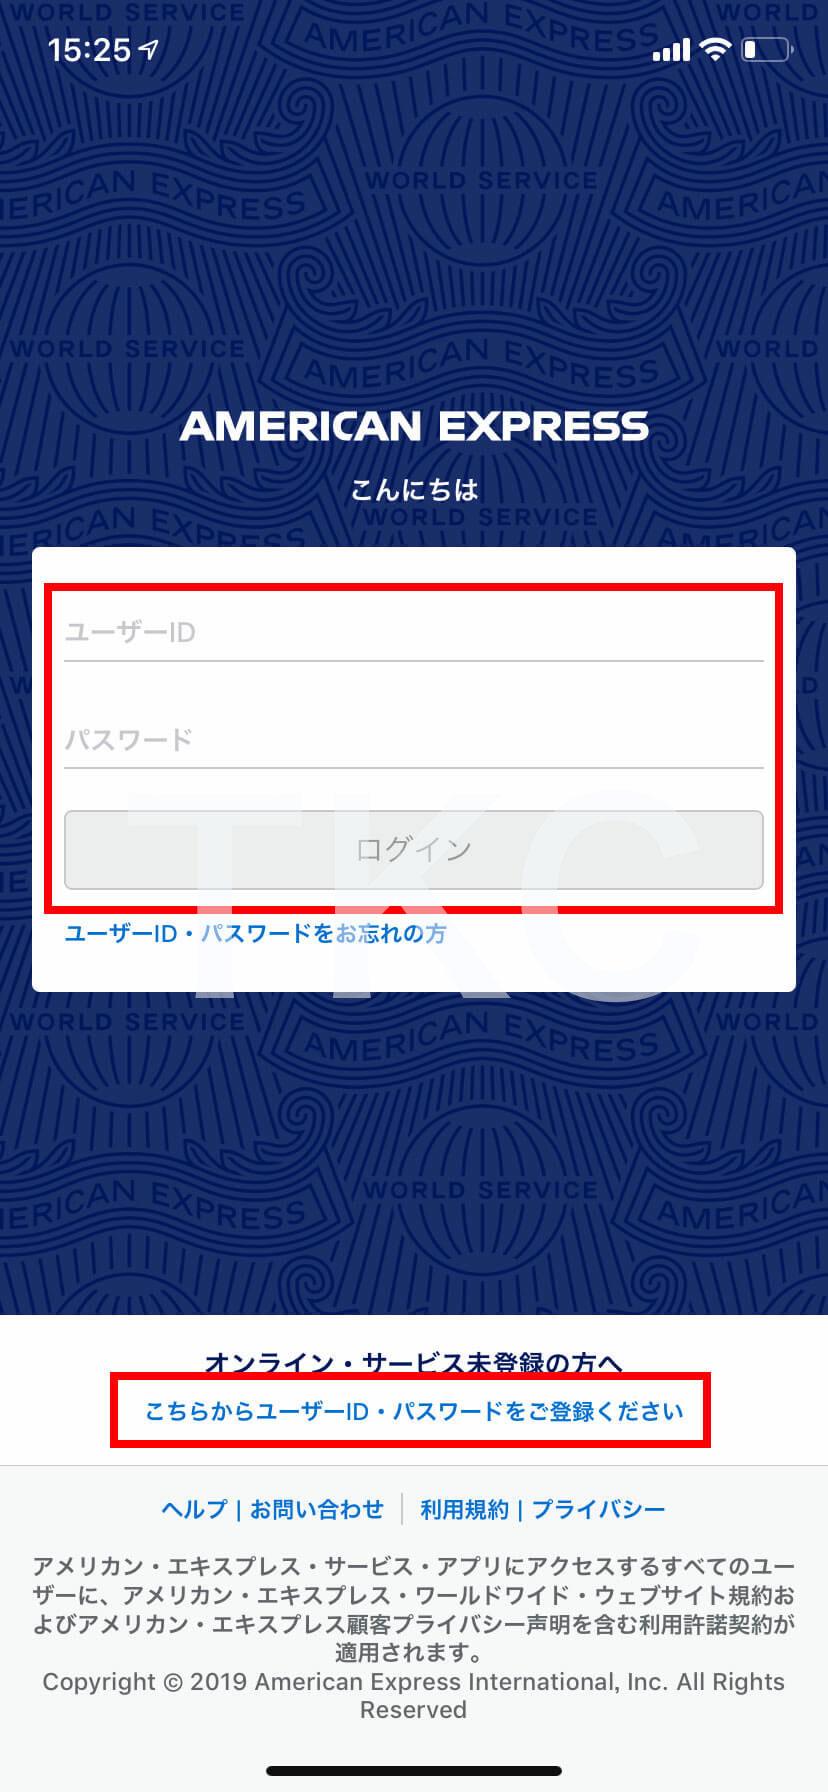 普段ウェブサイトで使っている「ユーザーID」、「パスワード」を入力します。(